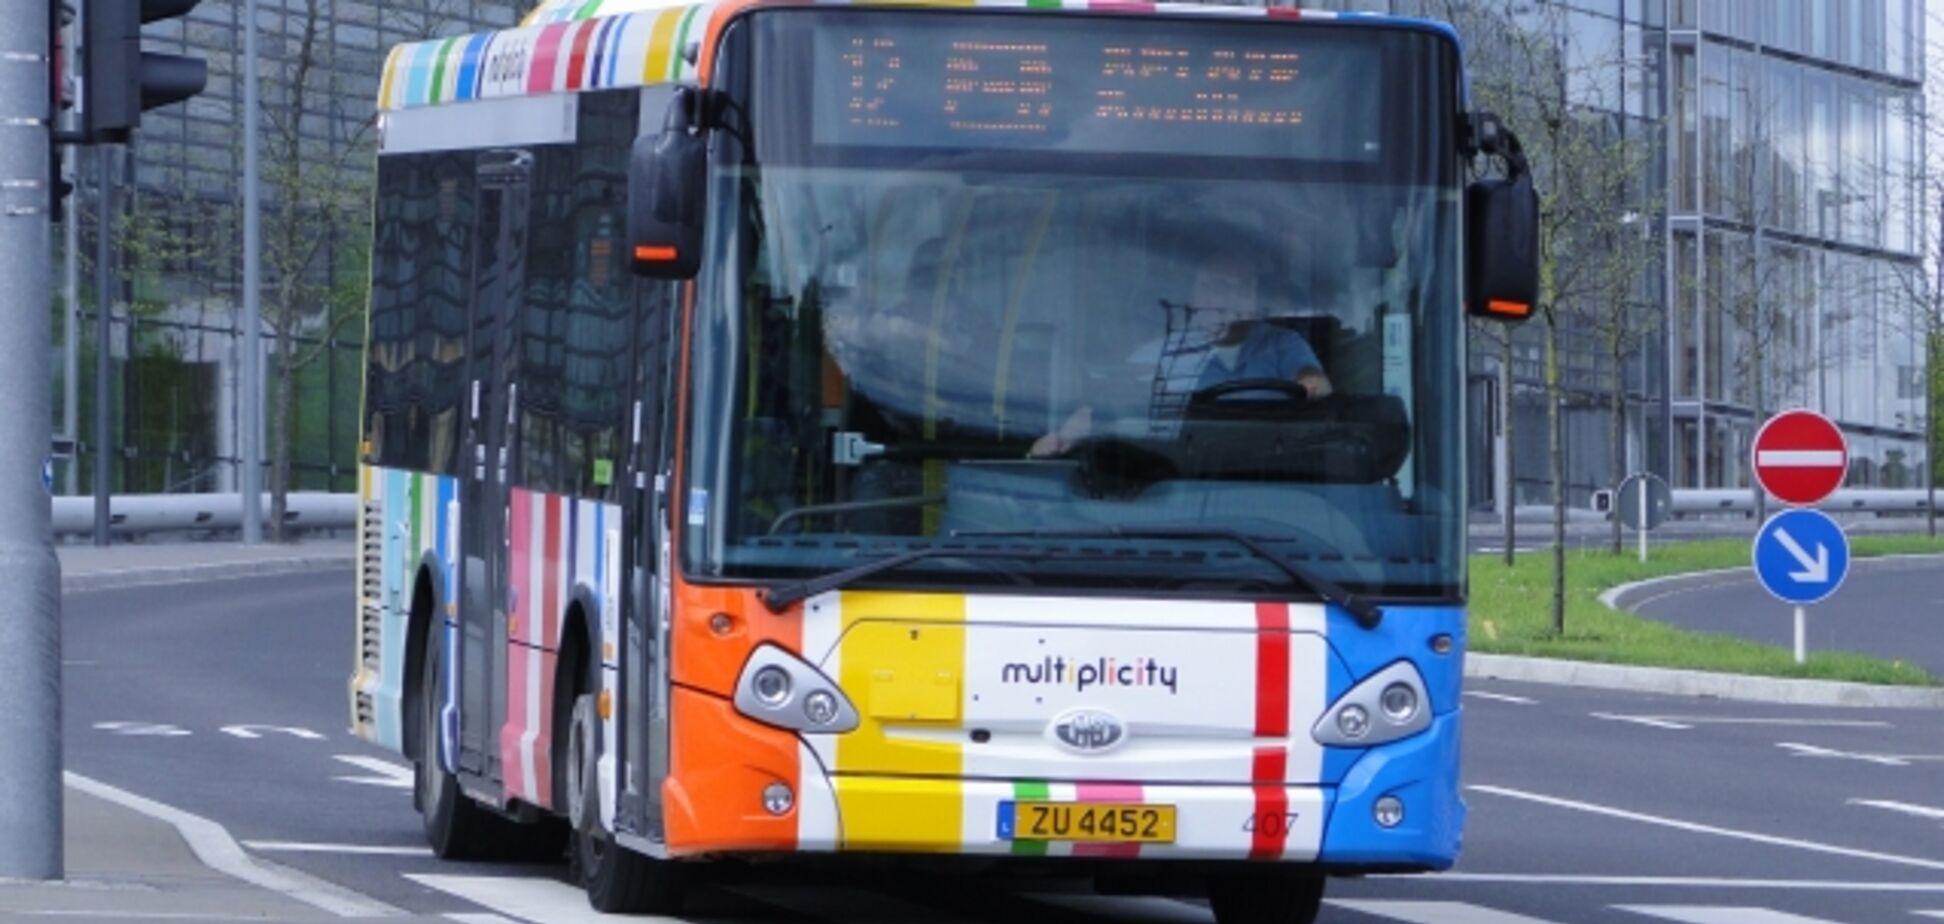 Люксембург першим у світі зробив повністю безкоштовним громадський транспорт